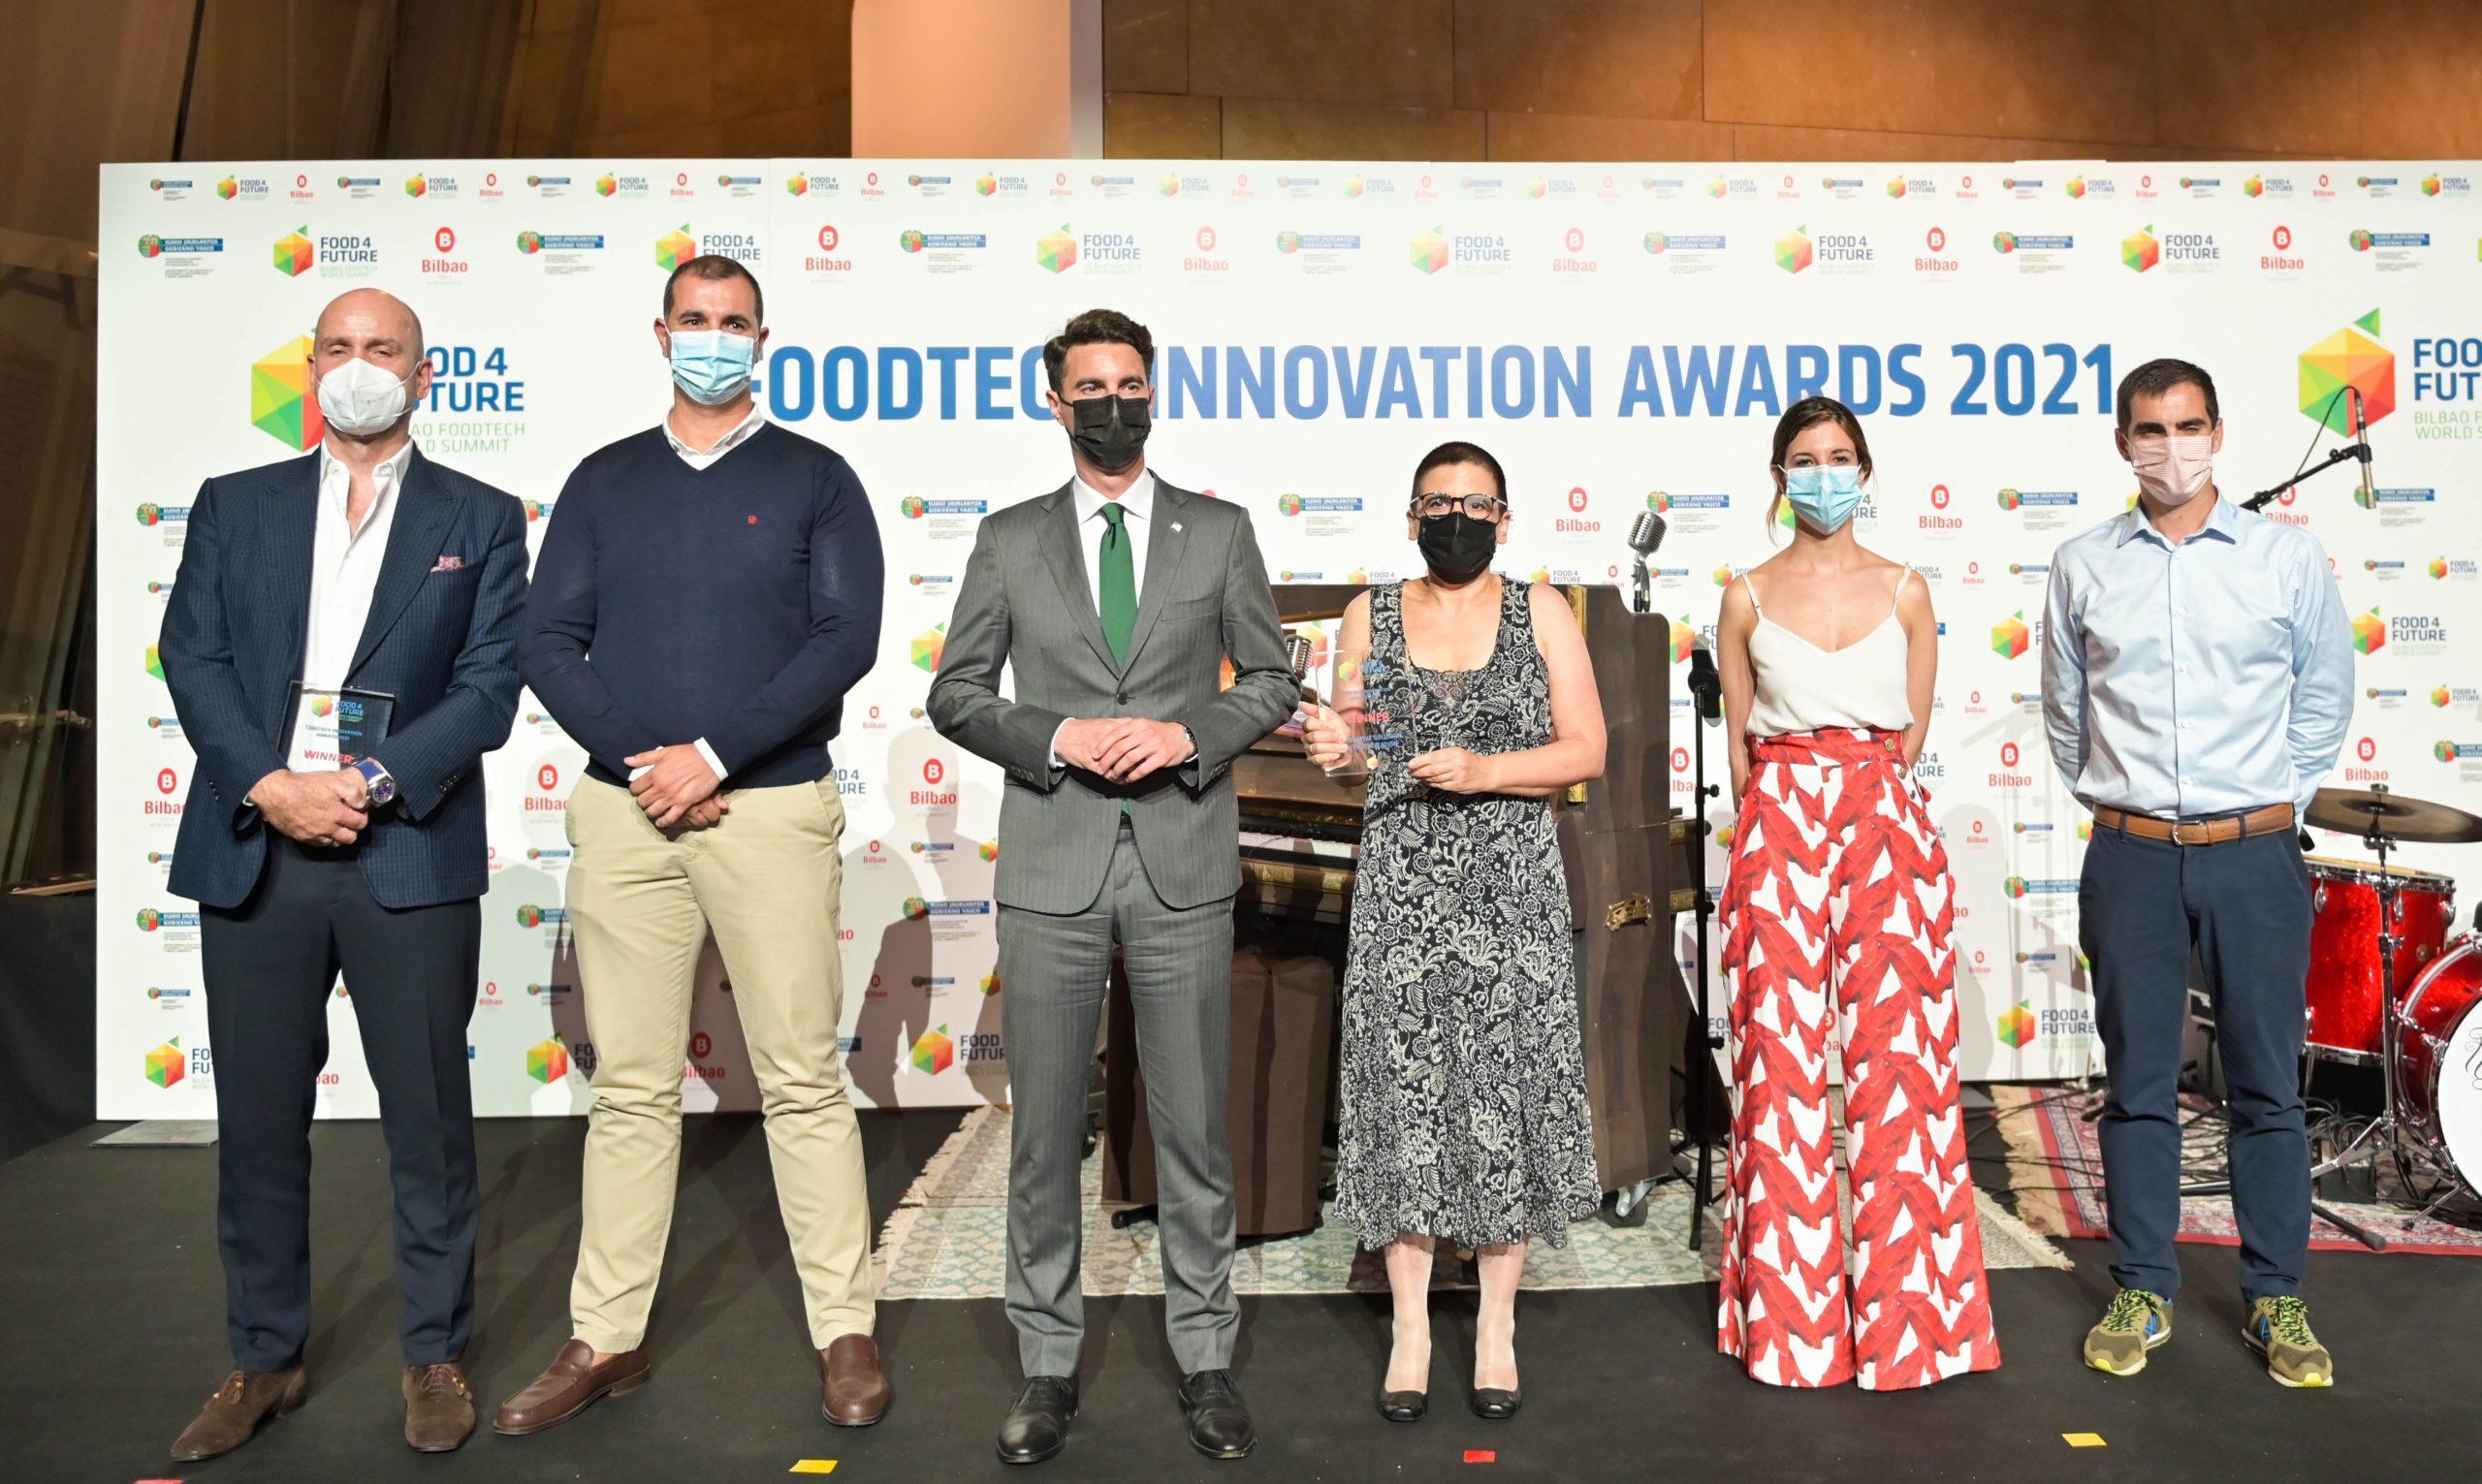 Grasa sólida de aceite de oliva, nano-cápsulas de proteínas e Inteligencia Artificial aplicada a la industria: las innovaciones premiadas en los FoodTech Innovation Awards 2021